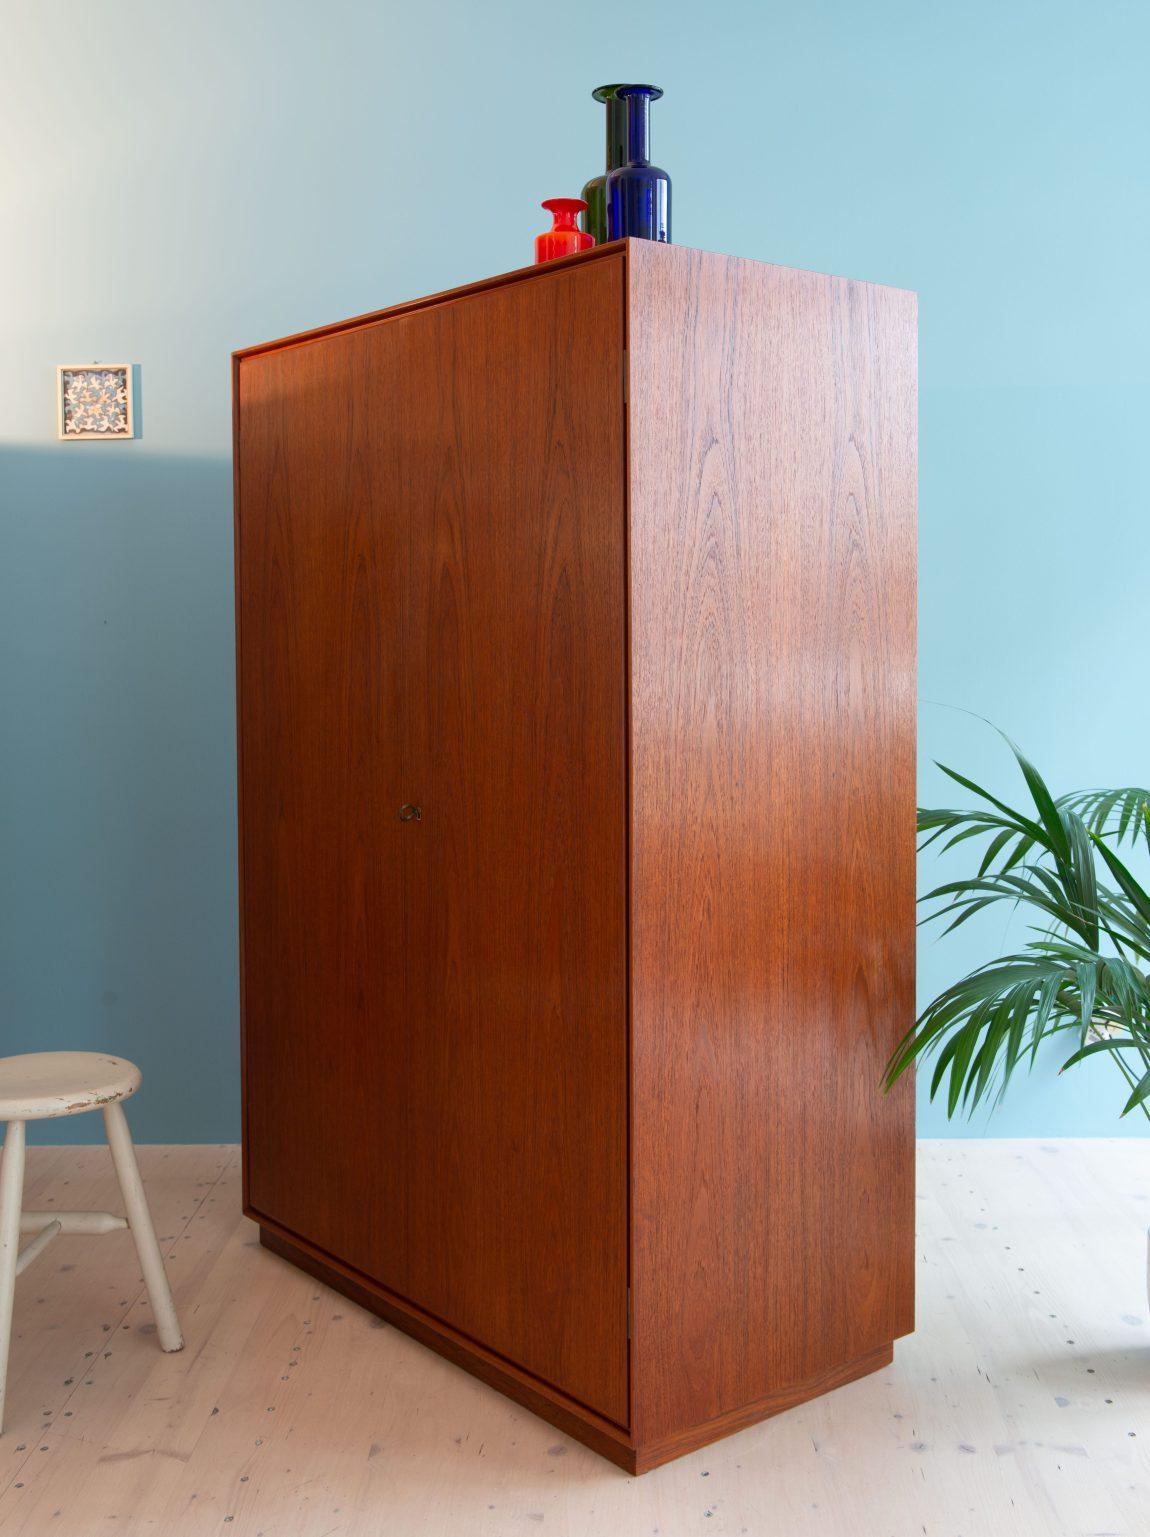 Large Teak Wardrobe available at heyday möbel, Grubenstrasse 19, 8045 Zürich